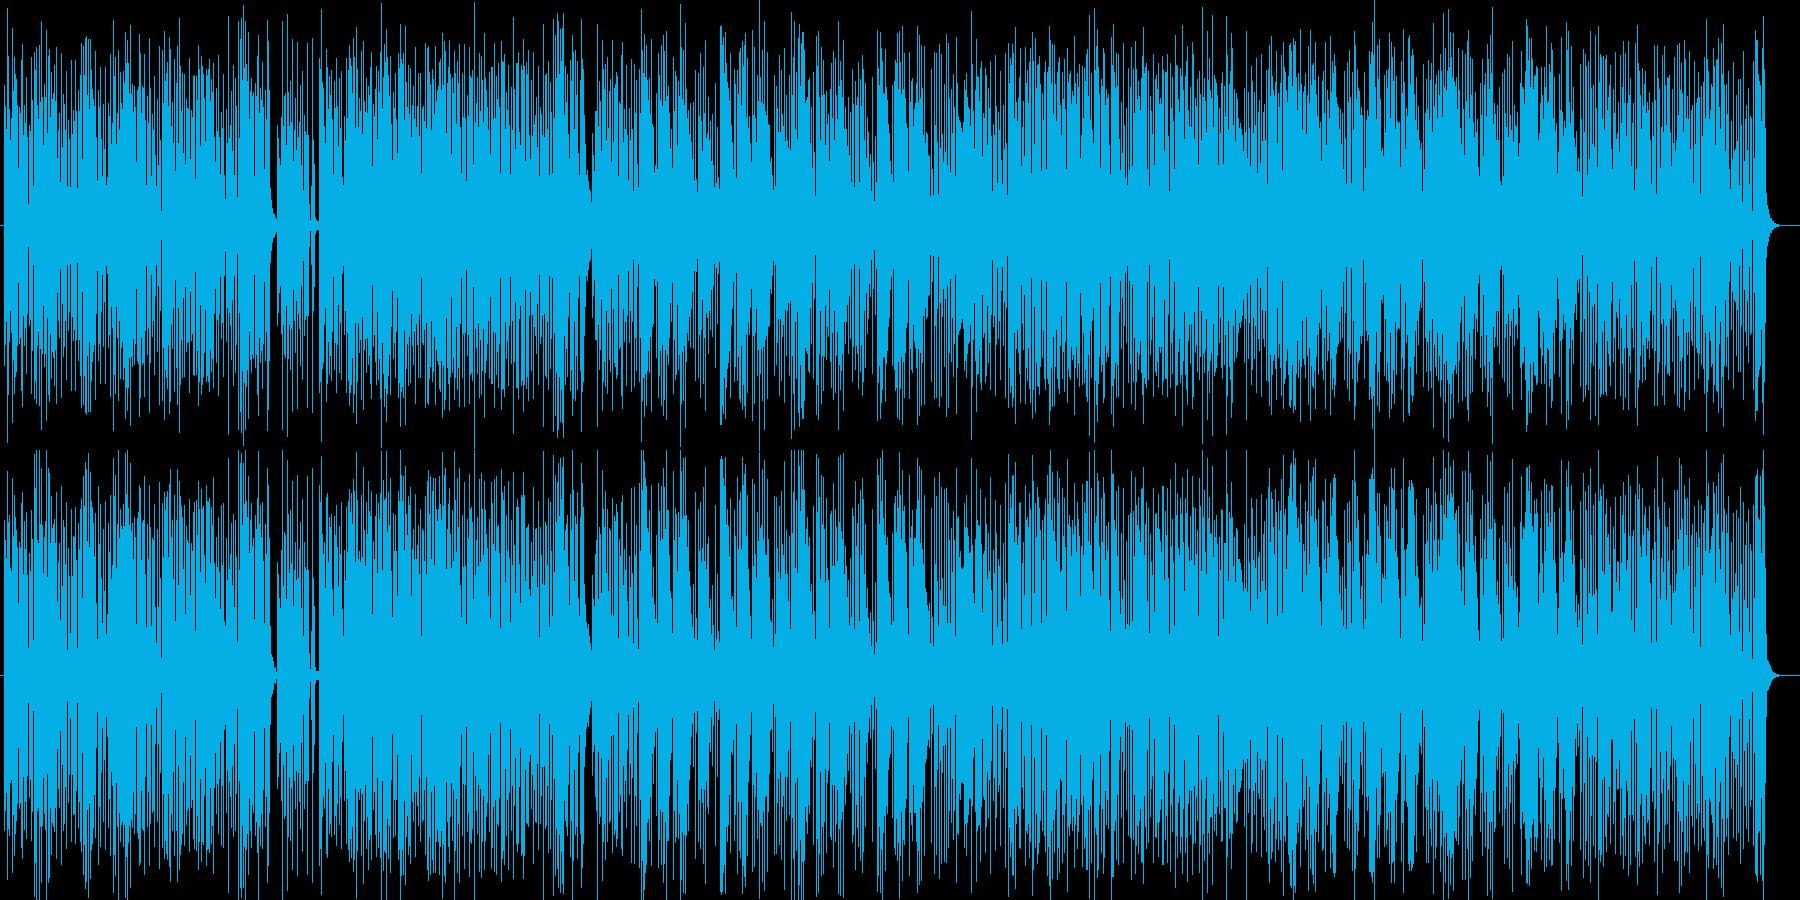 リゾート感あふれるギターサウンドの再生済みの波形